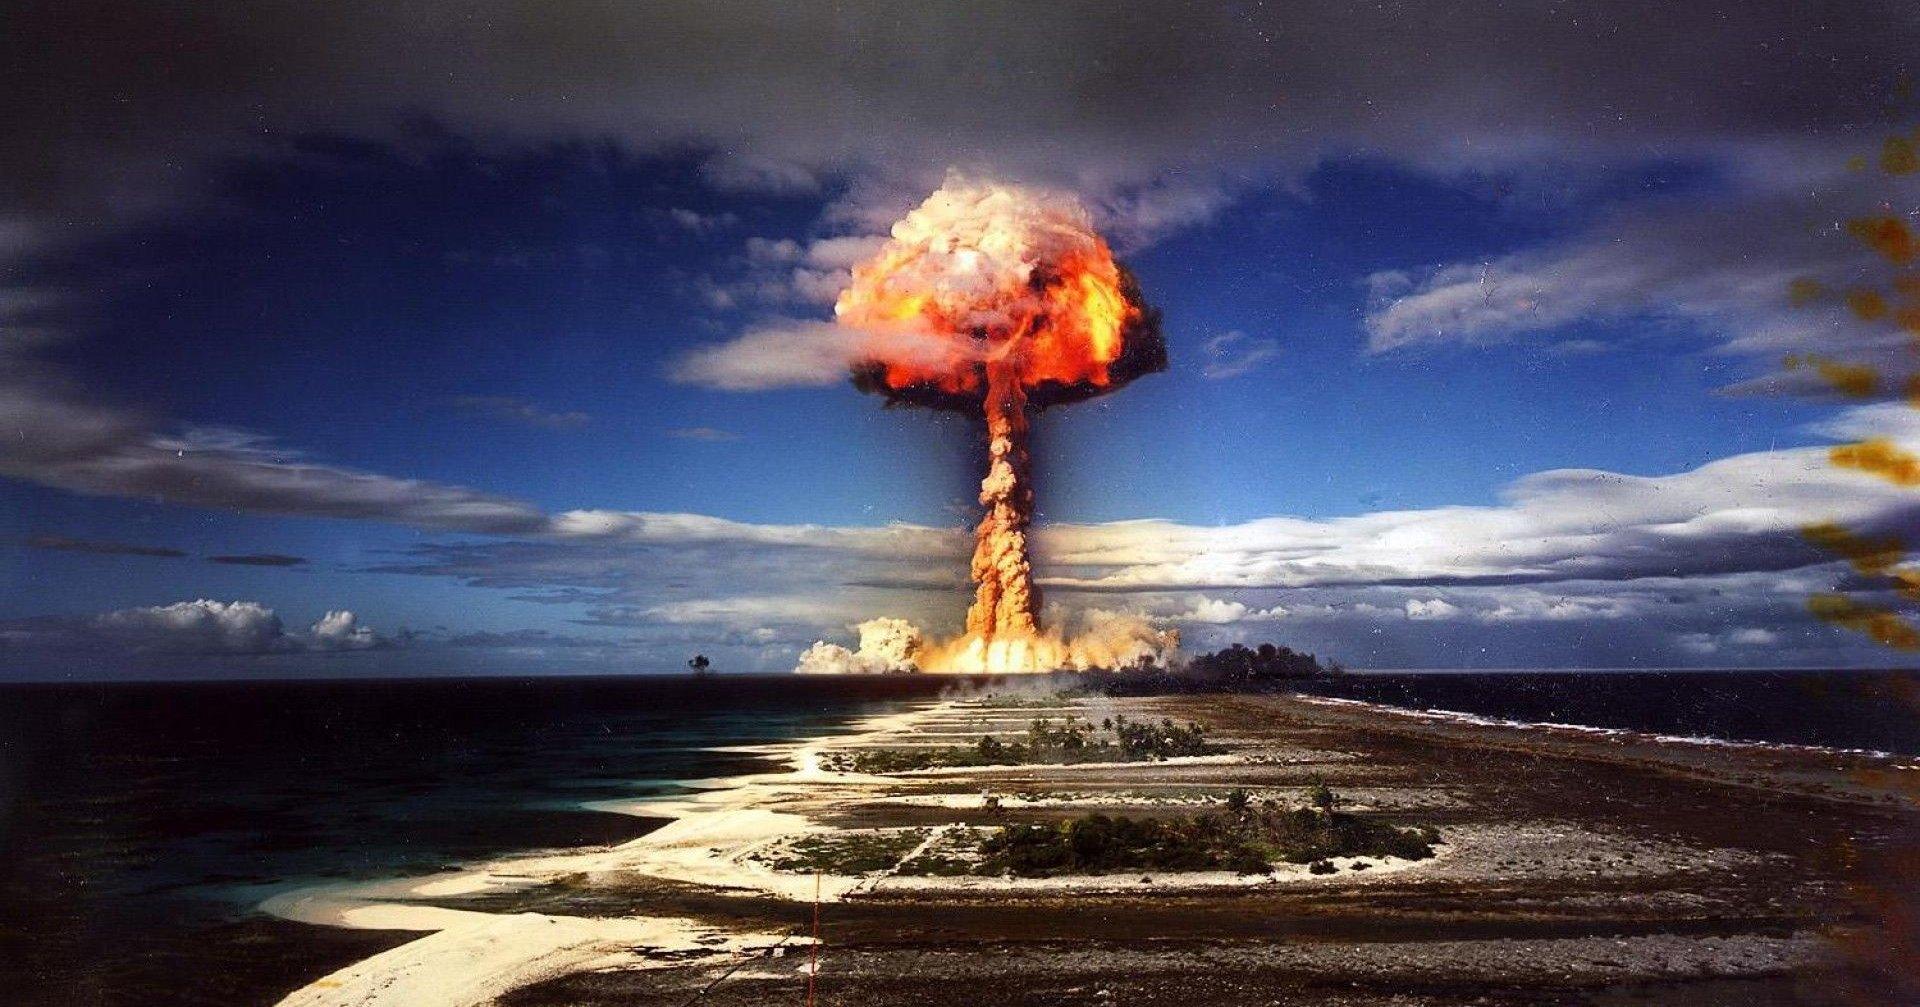 Что произойдет с ВАЗ-21099 при ядерном взрыве